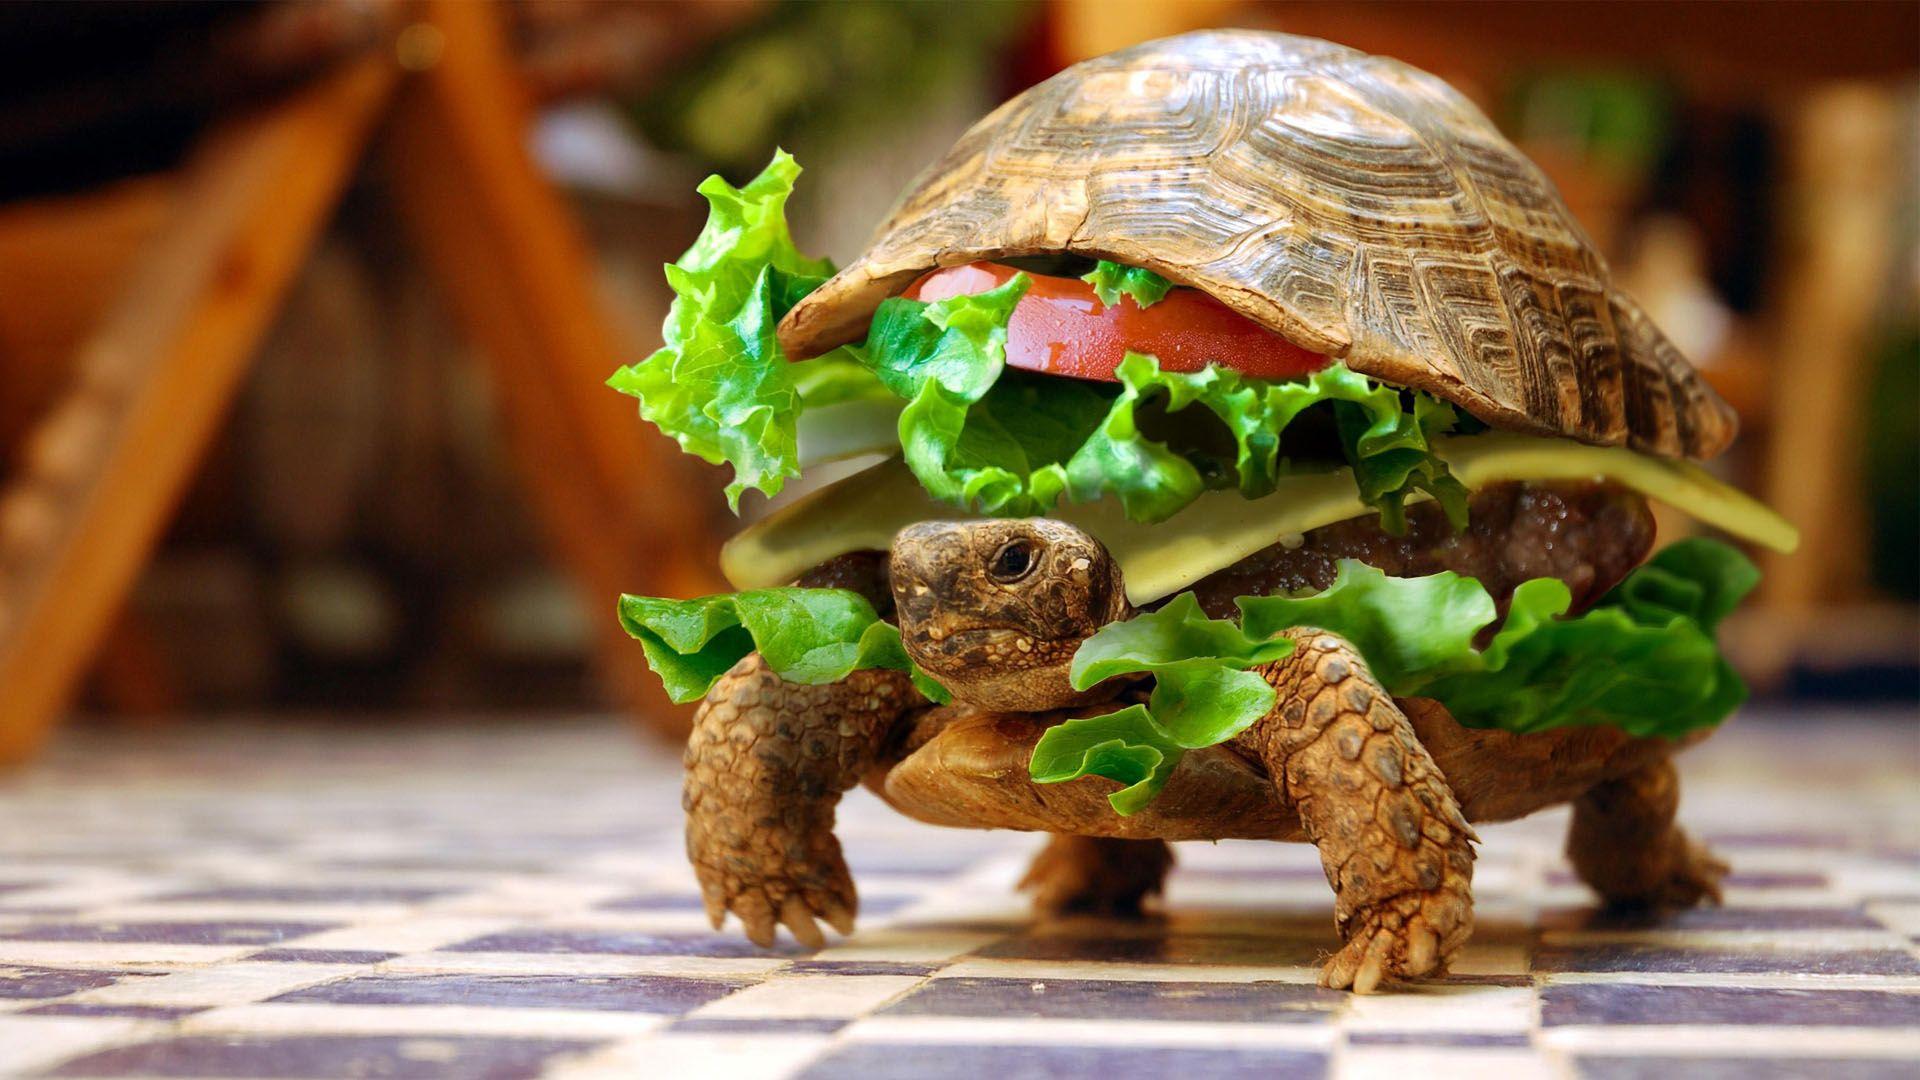 Breakfast Turtle Mystery Wallpaper